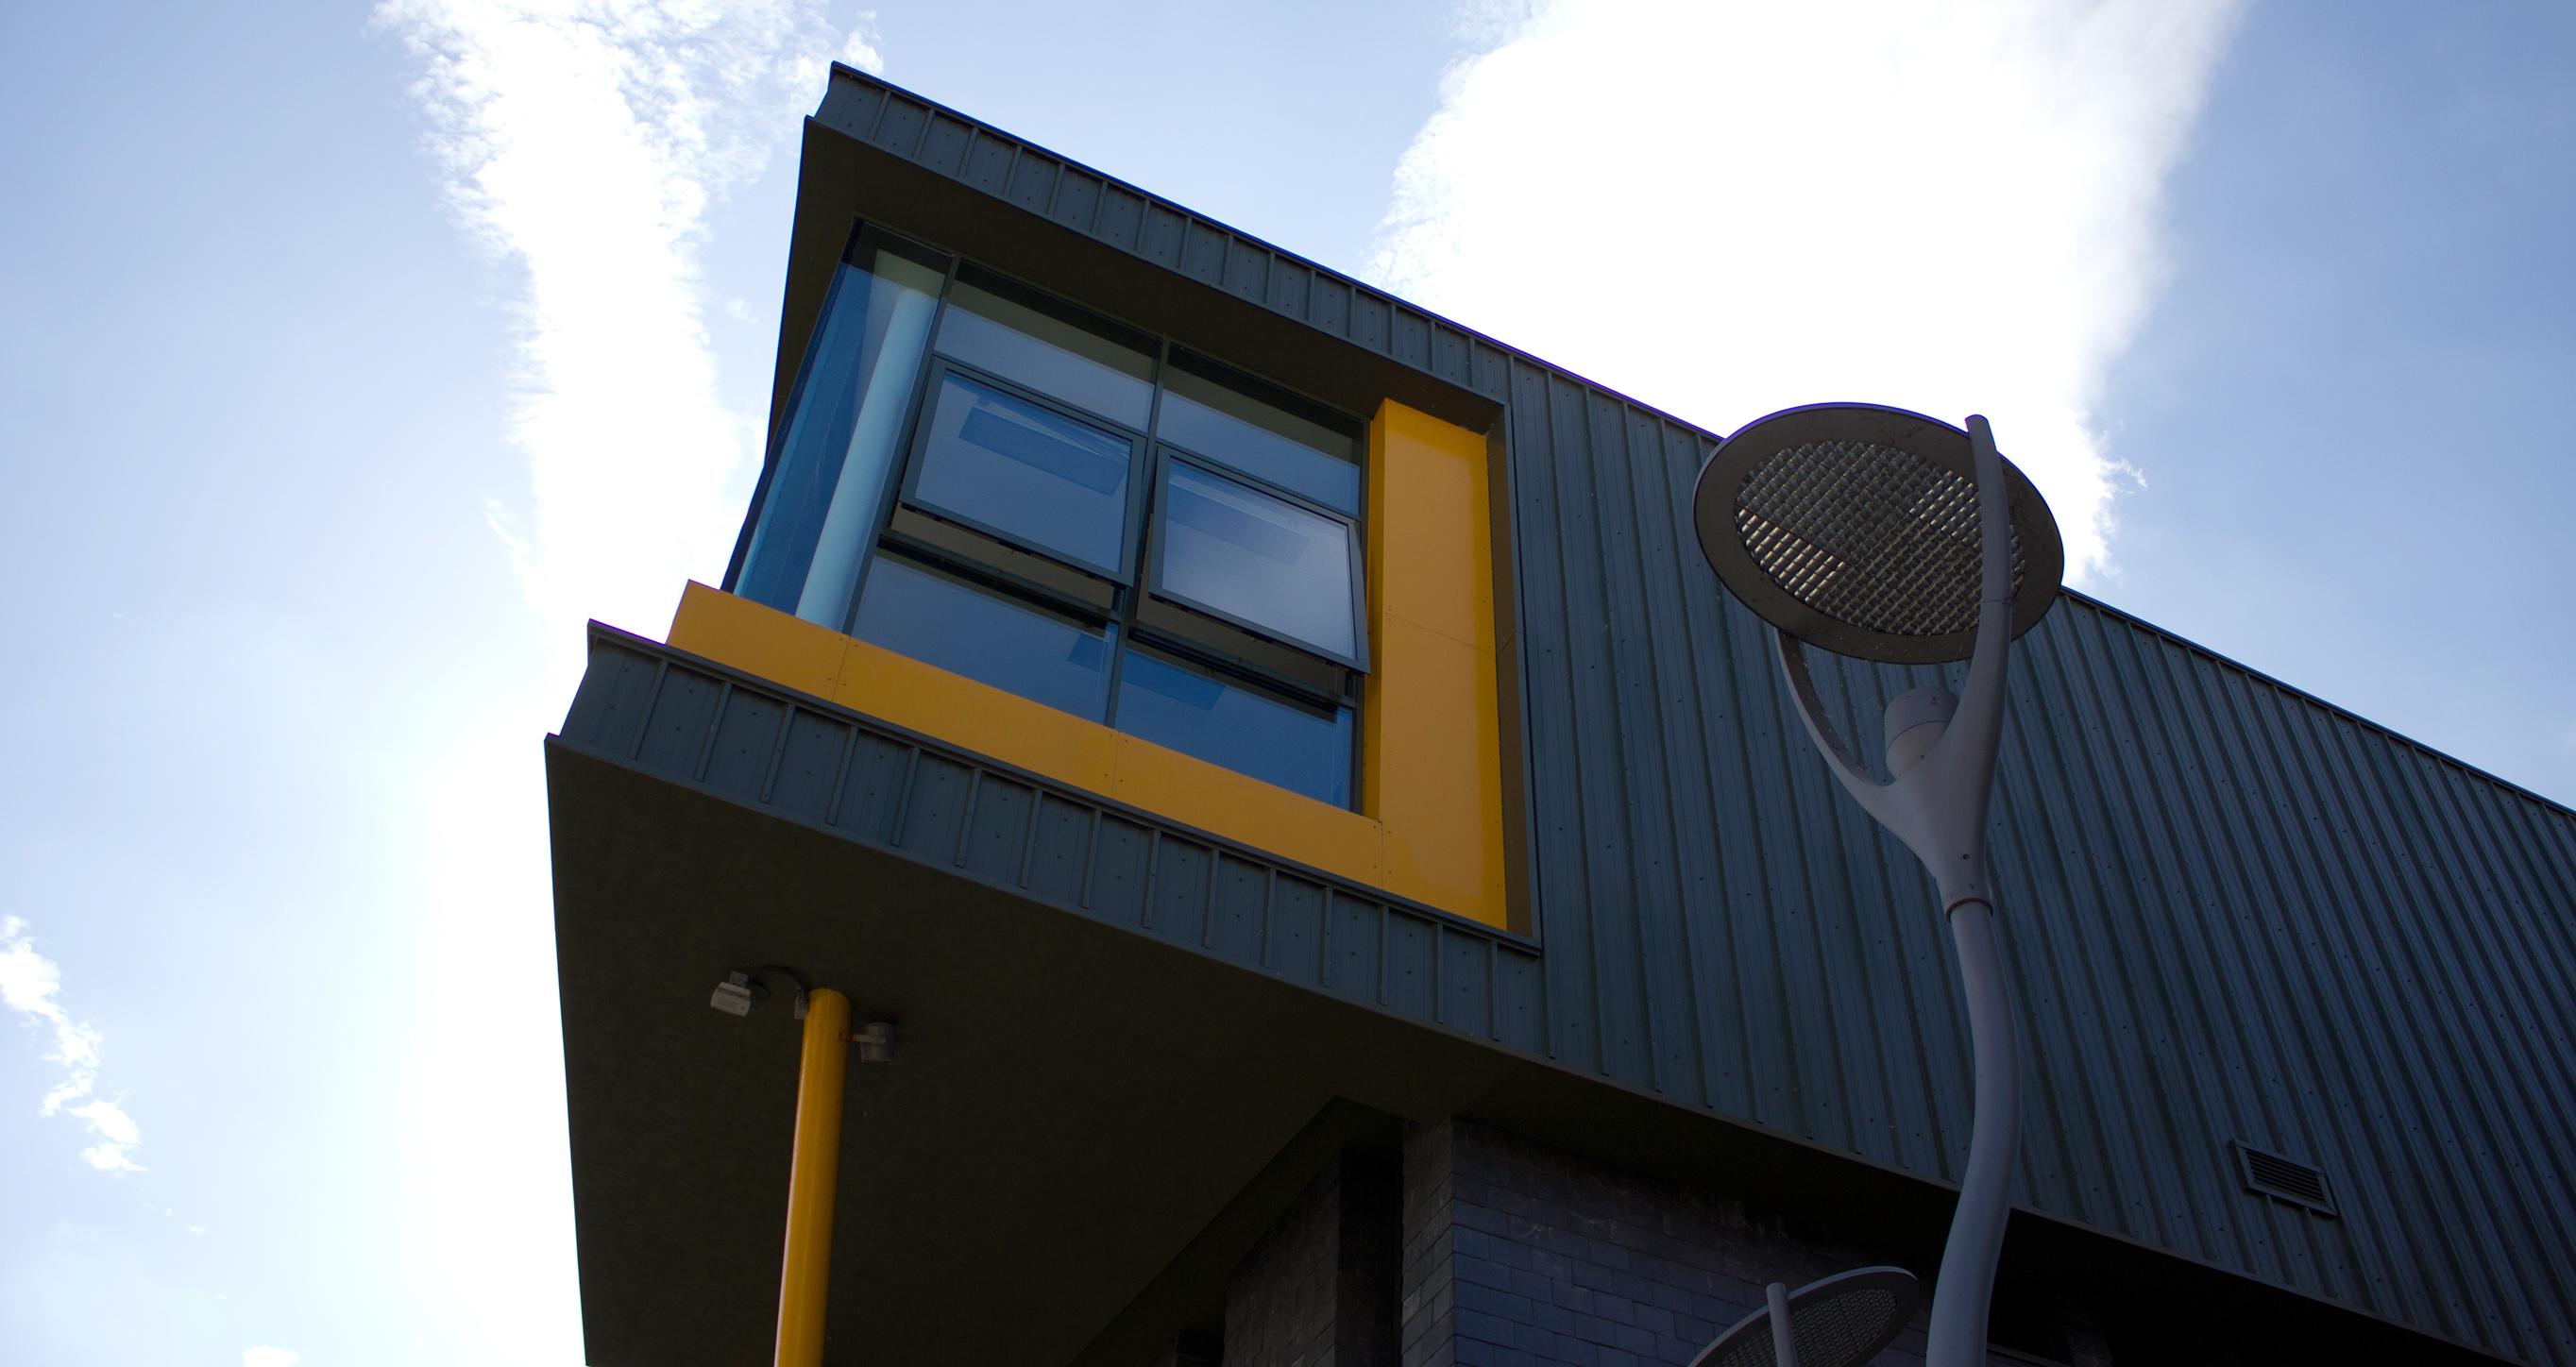 Sparkhouse exterior design